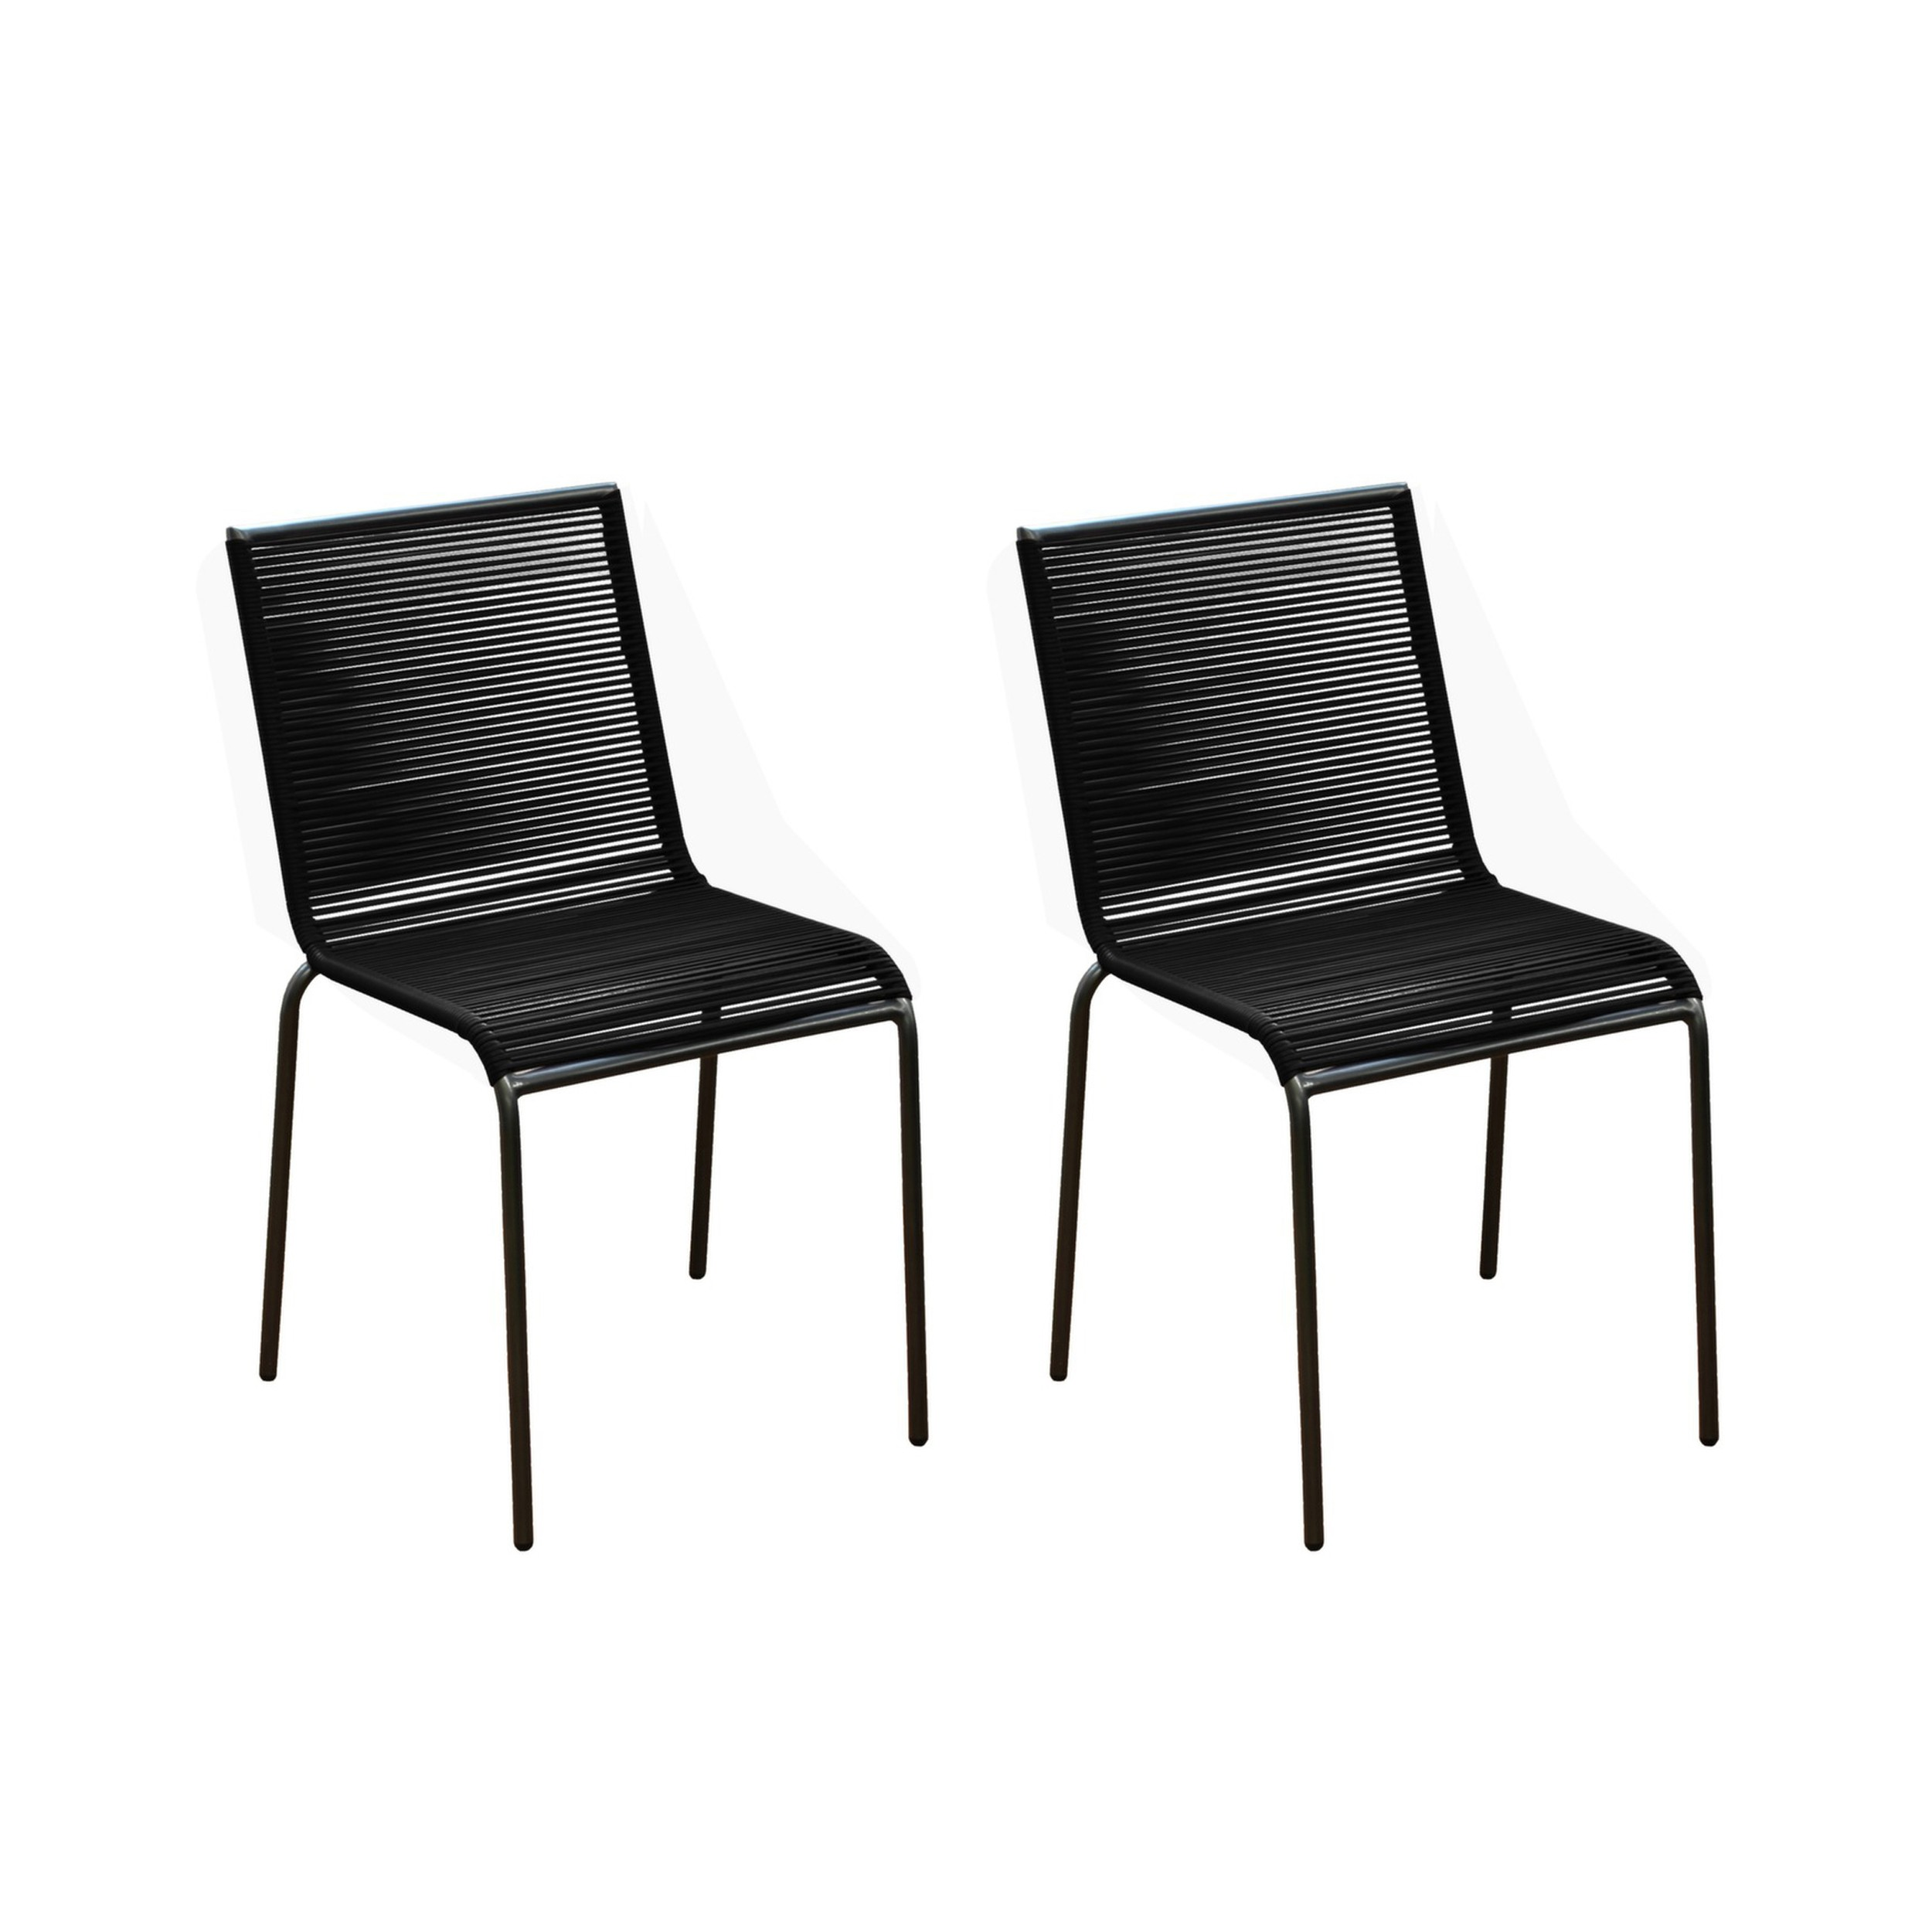 chaise de jardin chacabuco noire lot de2 commandez nos chaises de jardin chacabuco noires. Black Bedroom Furniture Sets. Home Design Ideas